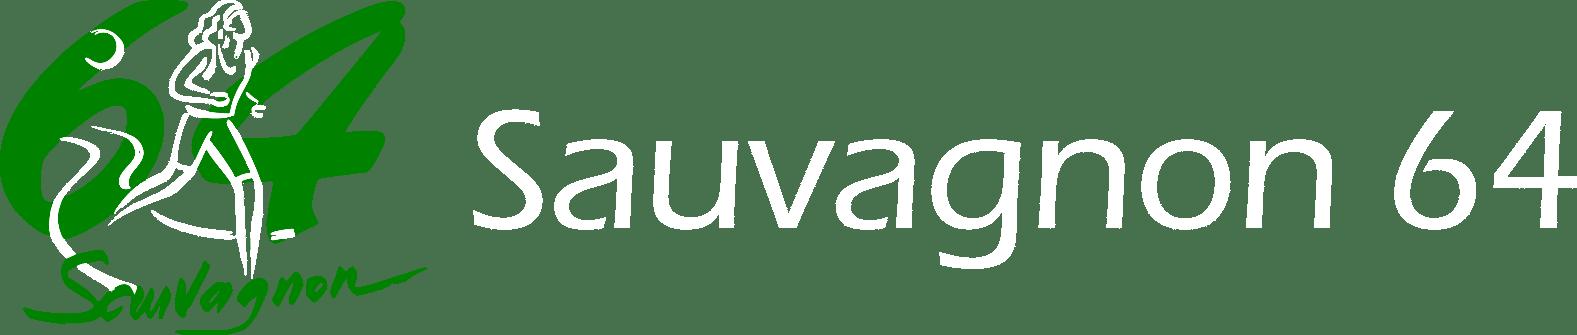 Cours à Sauvagnon